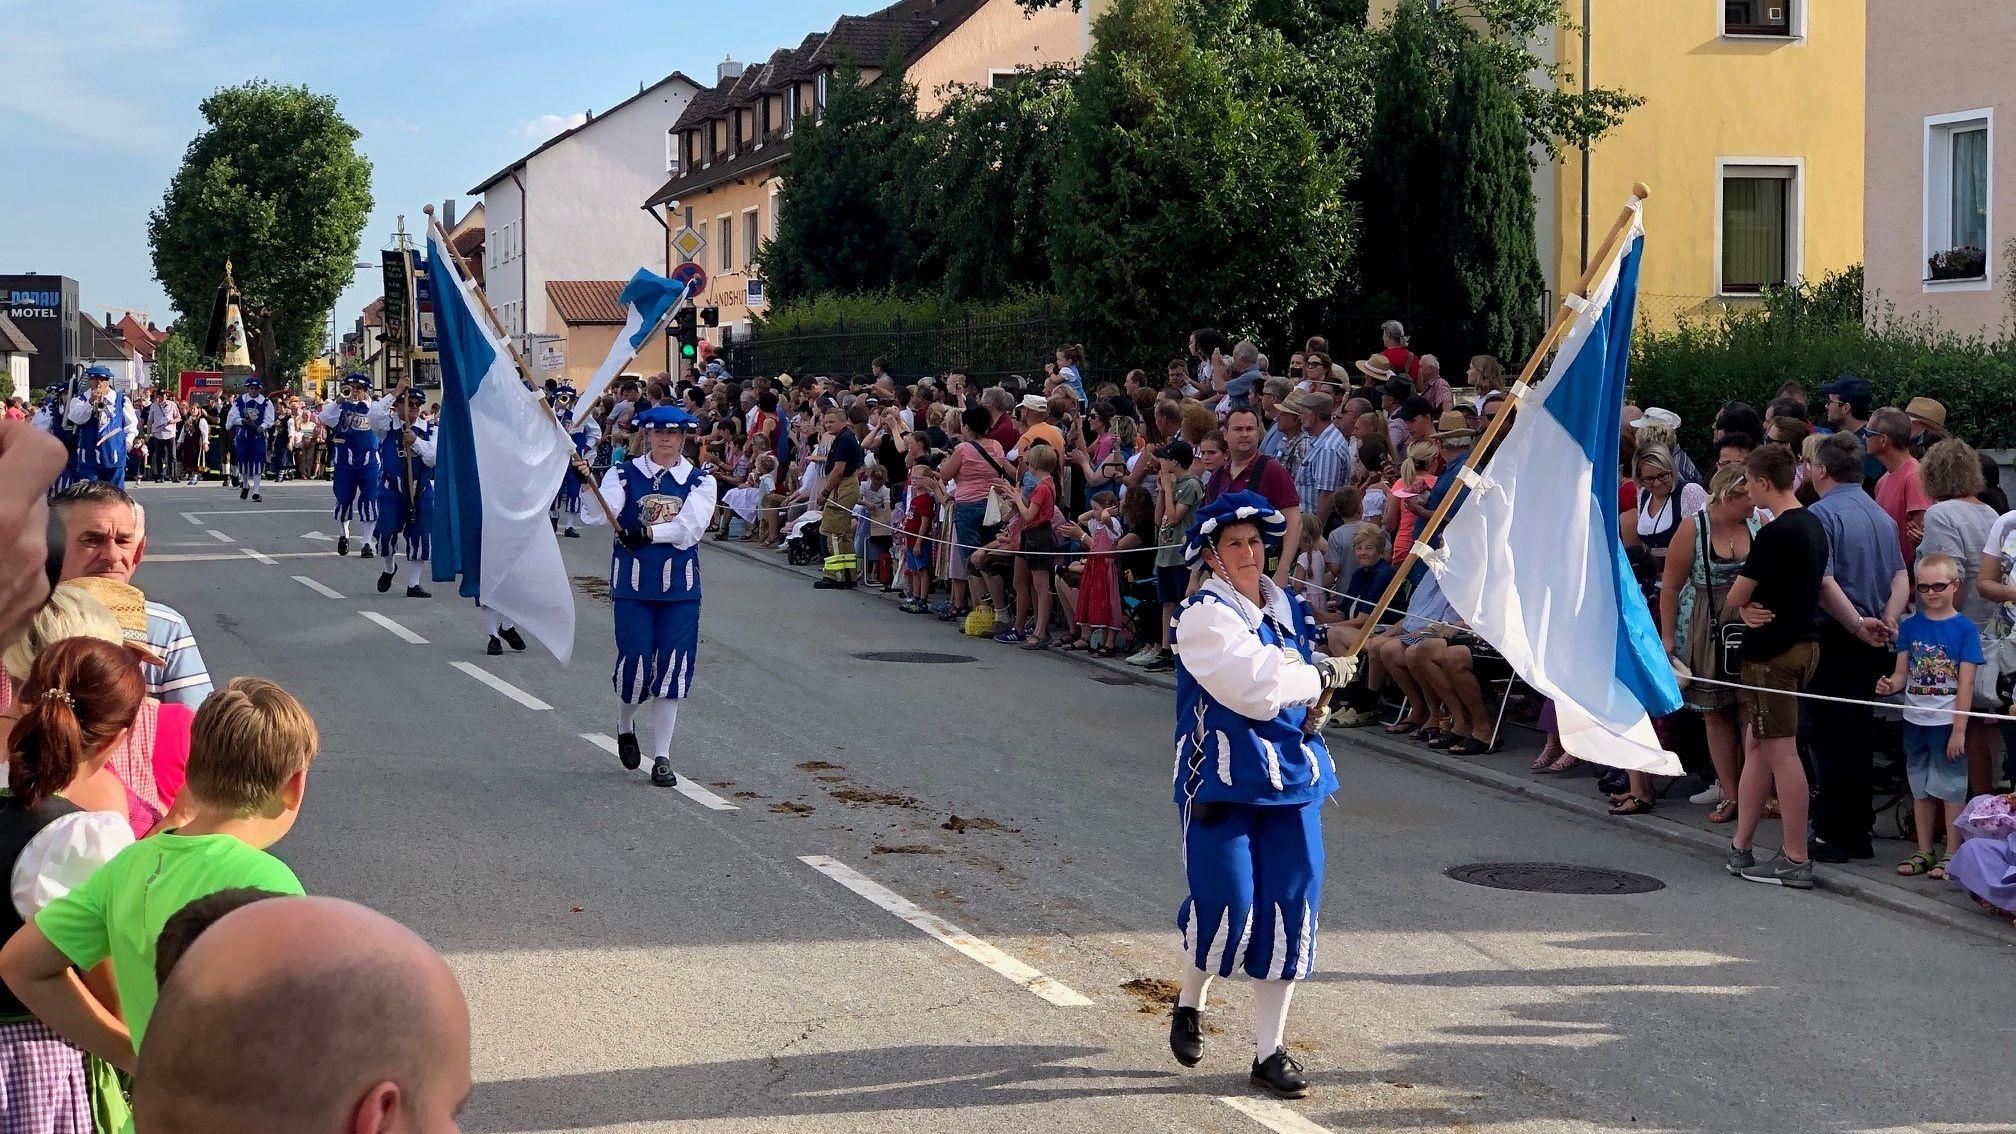 Über 3.500 Mitwirkende waren dieses Jahr beim traditionellen Volksfestauszug in Straubing dabei